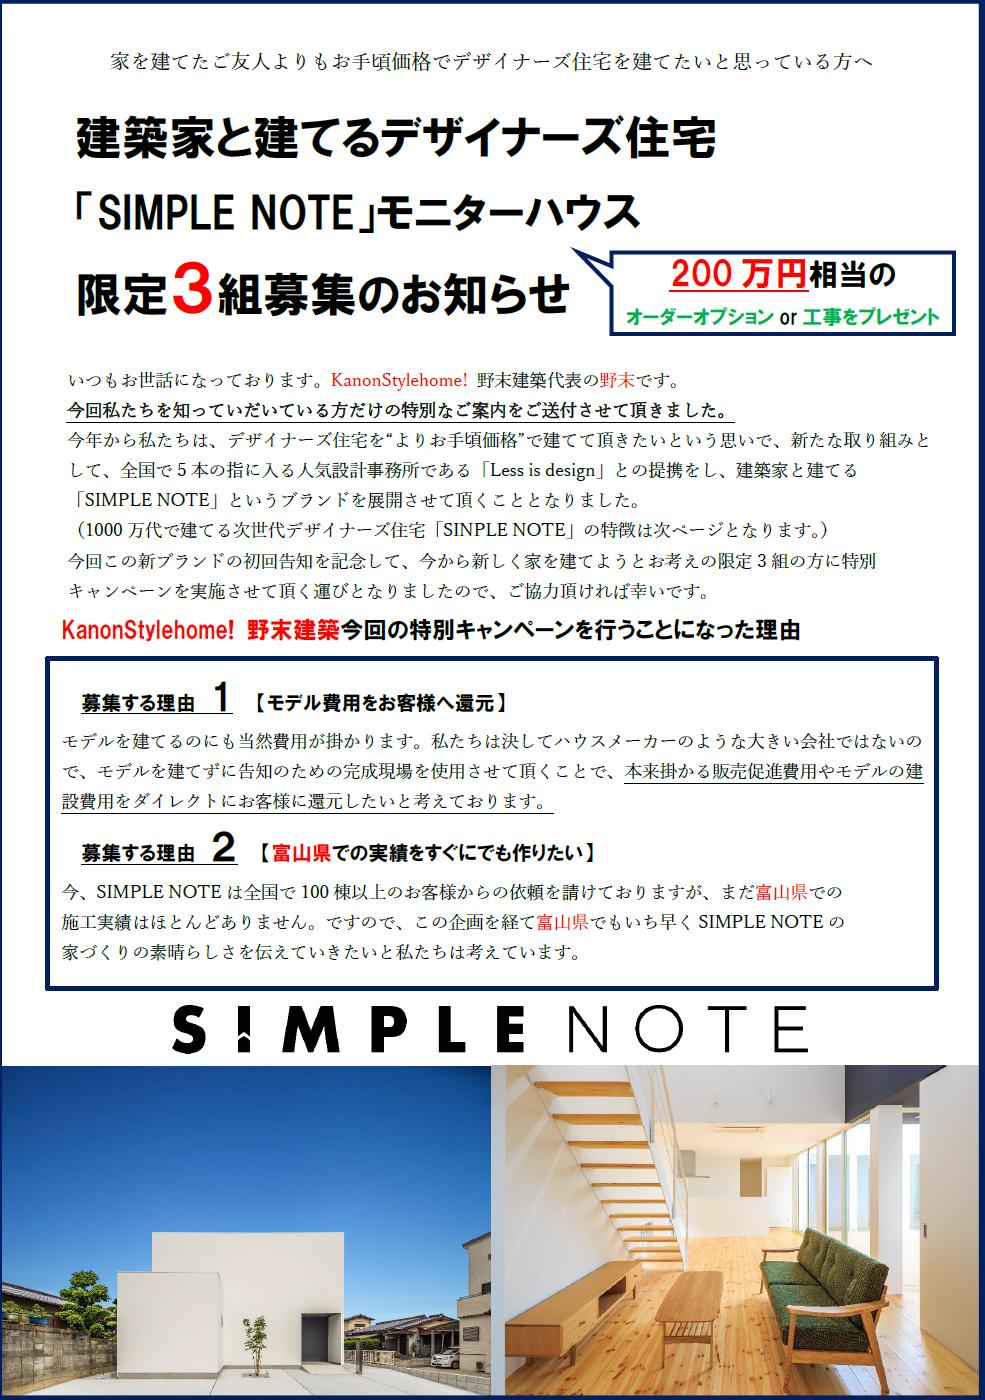 [PR]野末建築   建築家と建てるデザイナーズ住宅「SIMPLE NOTE」モニターハウス限定3組募集のお知らせ